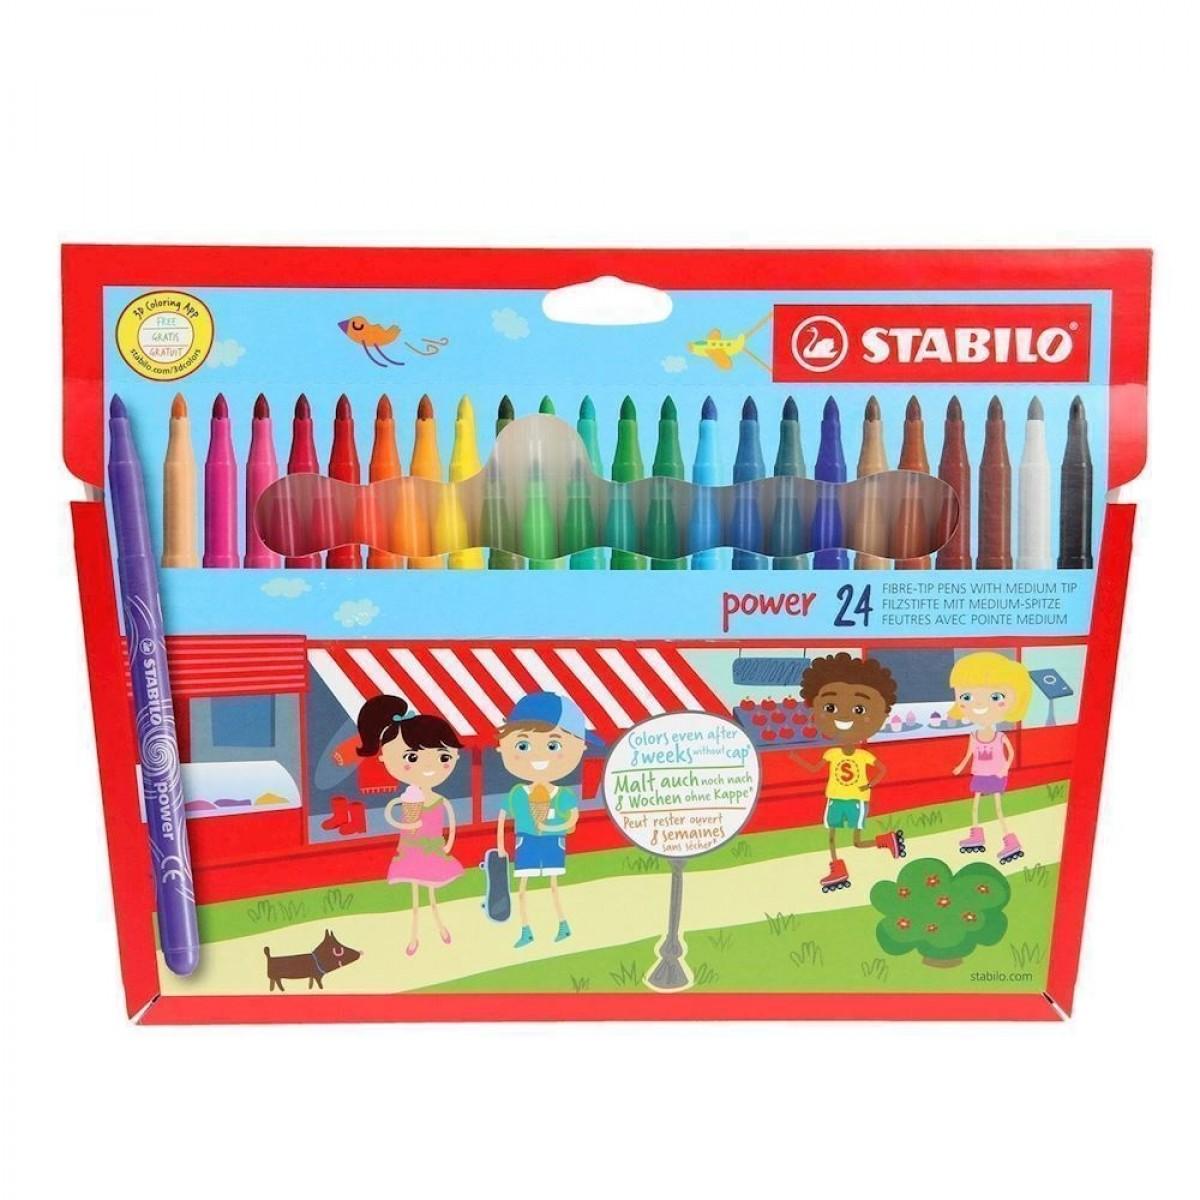 STABILO, Fibre - tip pens, børne tusser, 24 stk